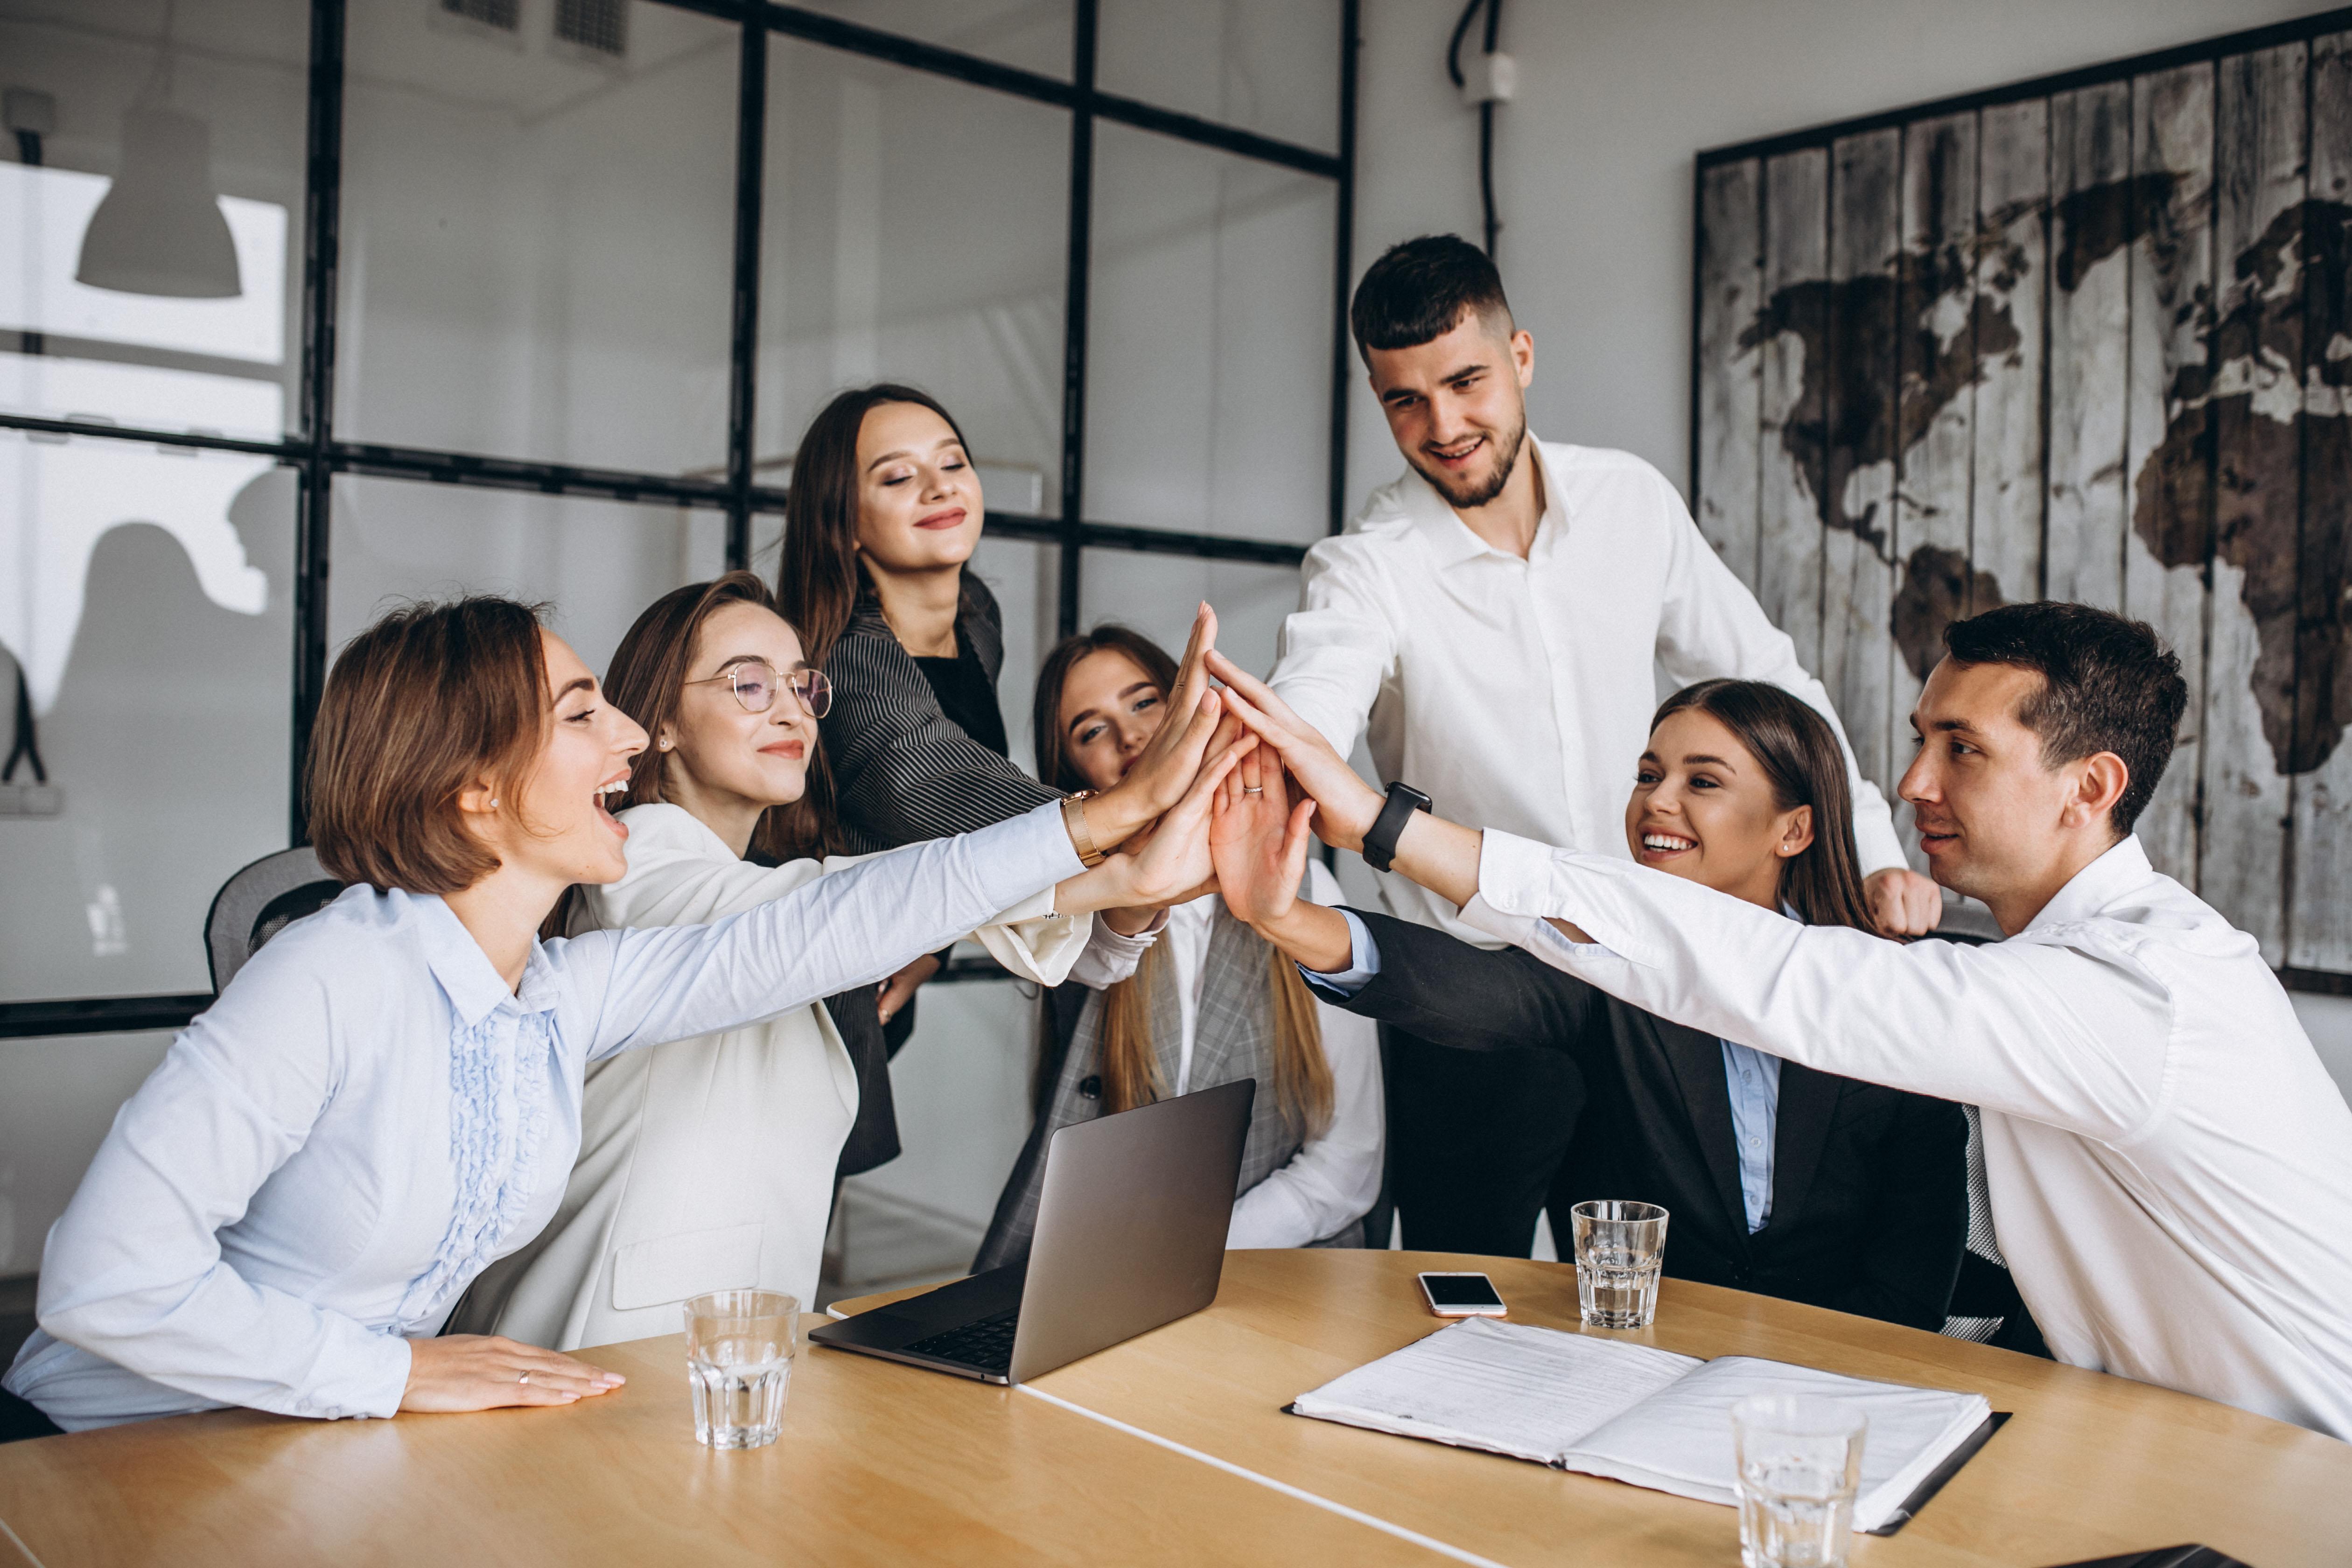 thái độ làm việc cả nhóm bàn việc